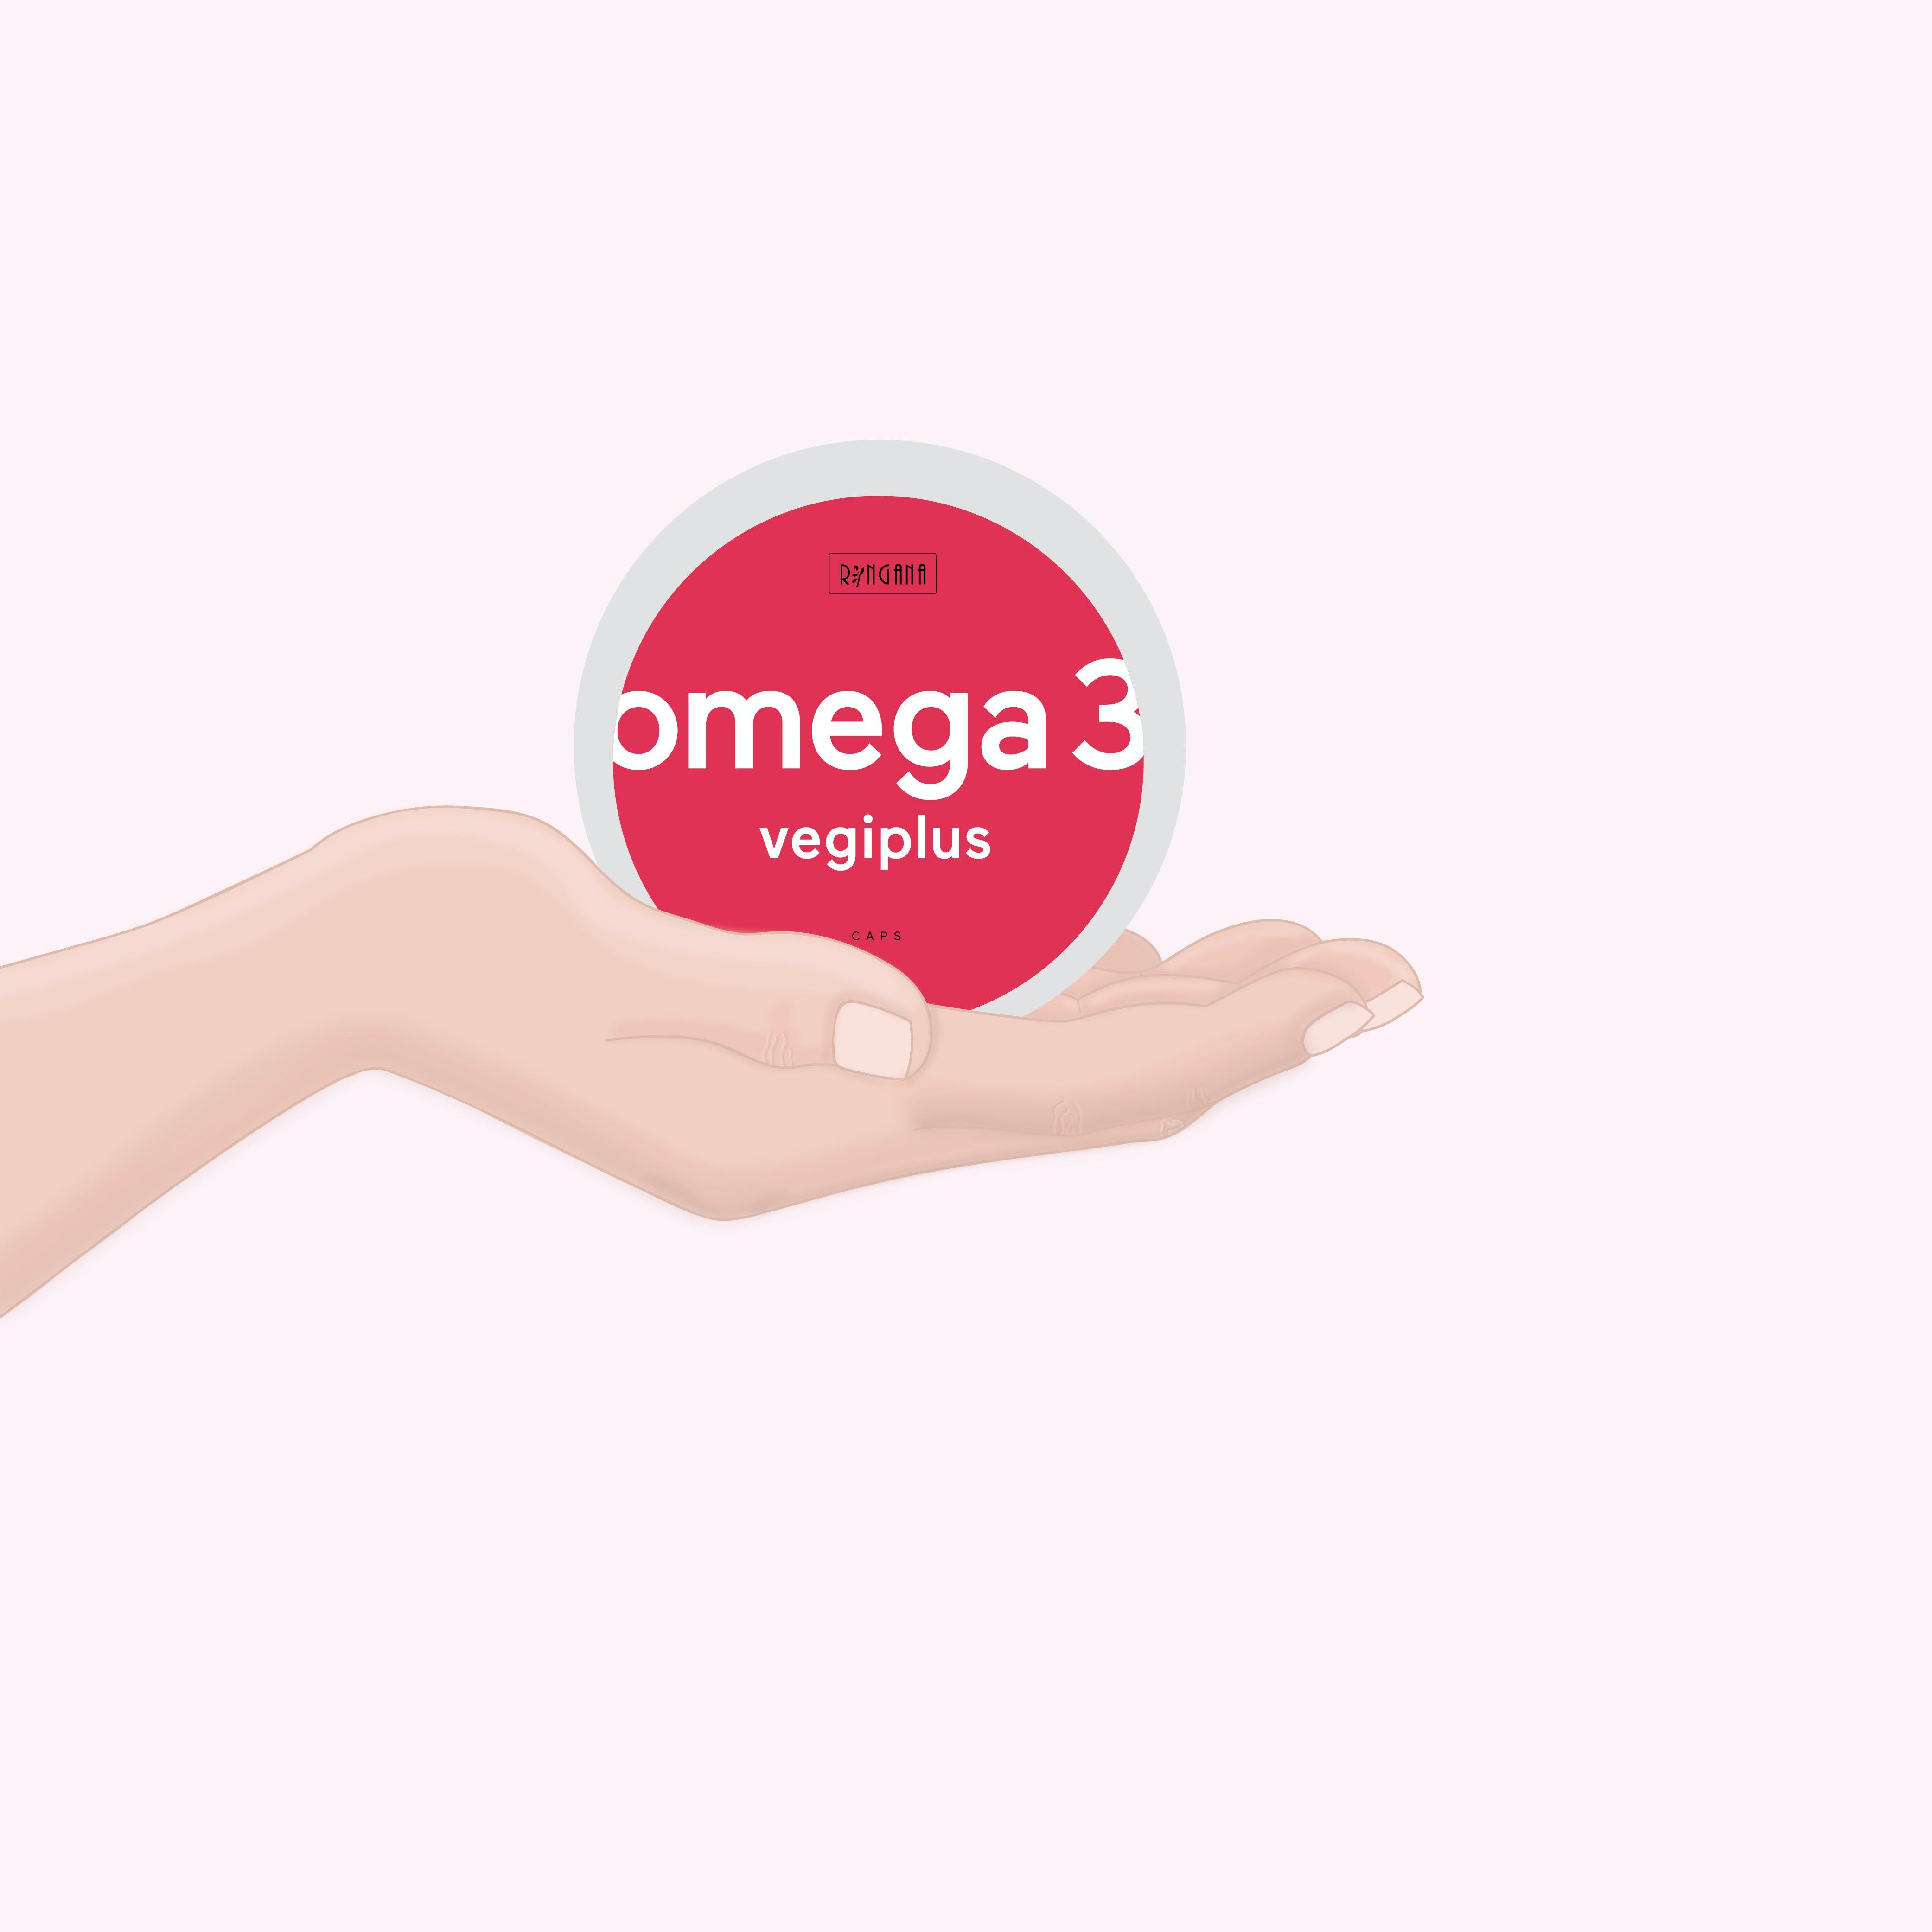 CAPS omega 3 vegiplus